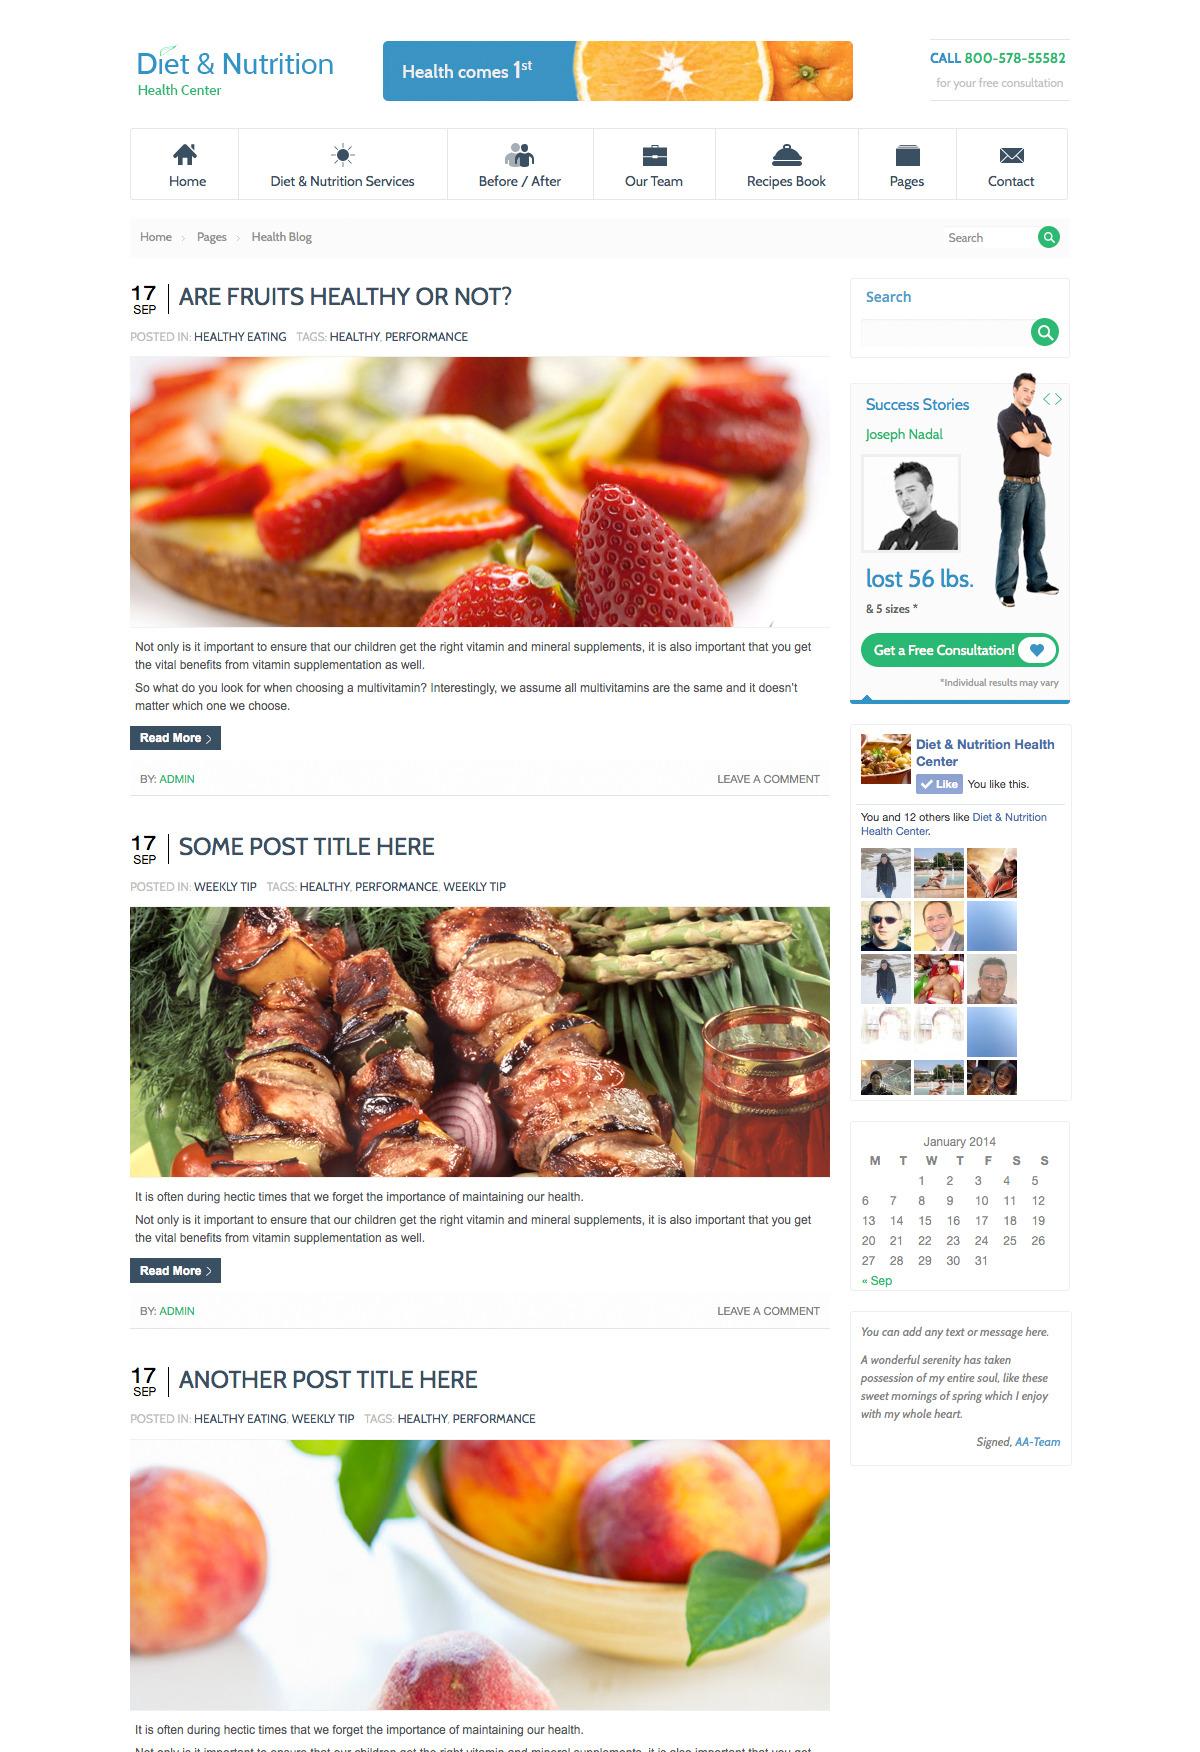 Diet & Nutrition Health Center-Wordpress Theme